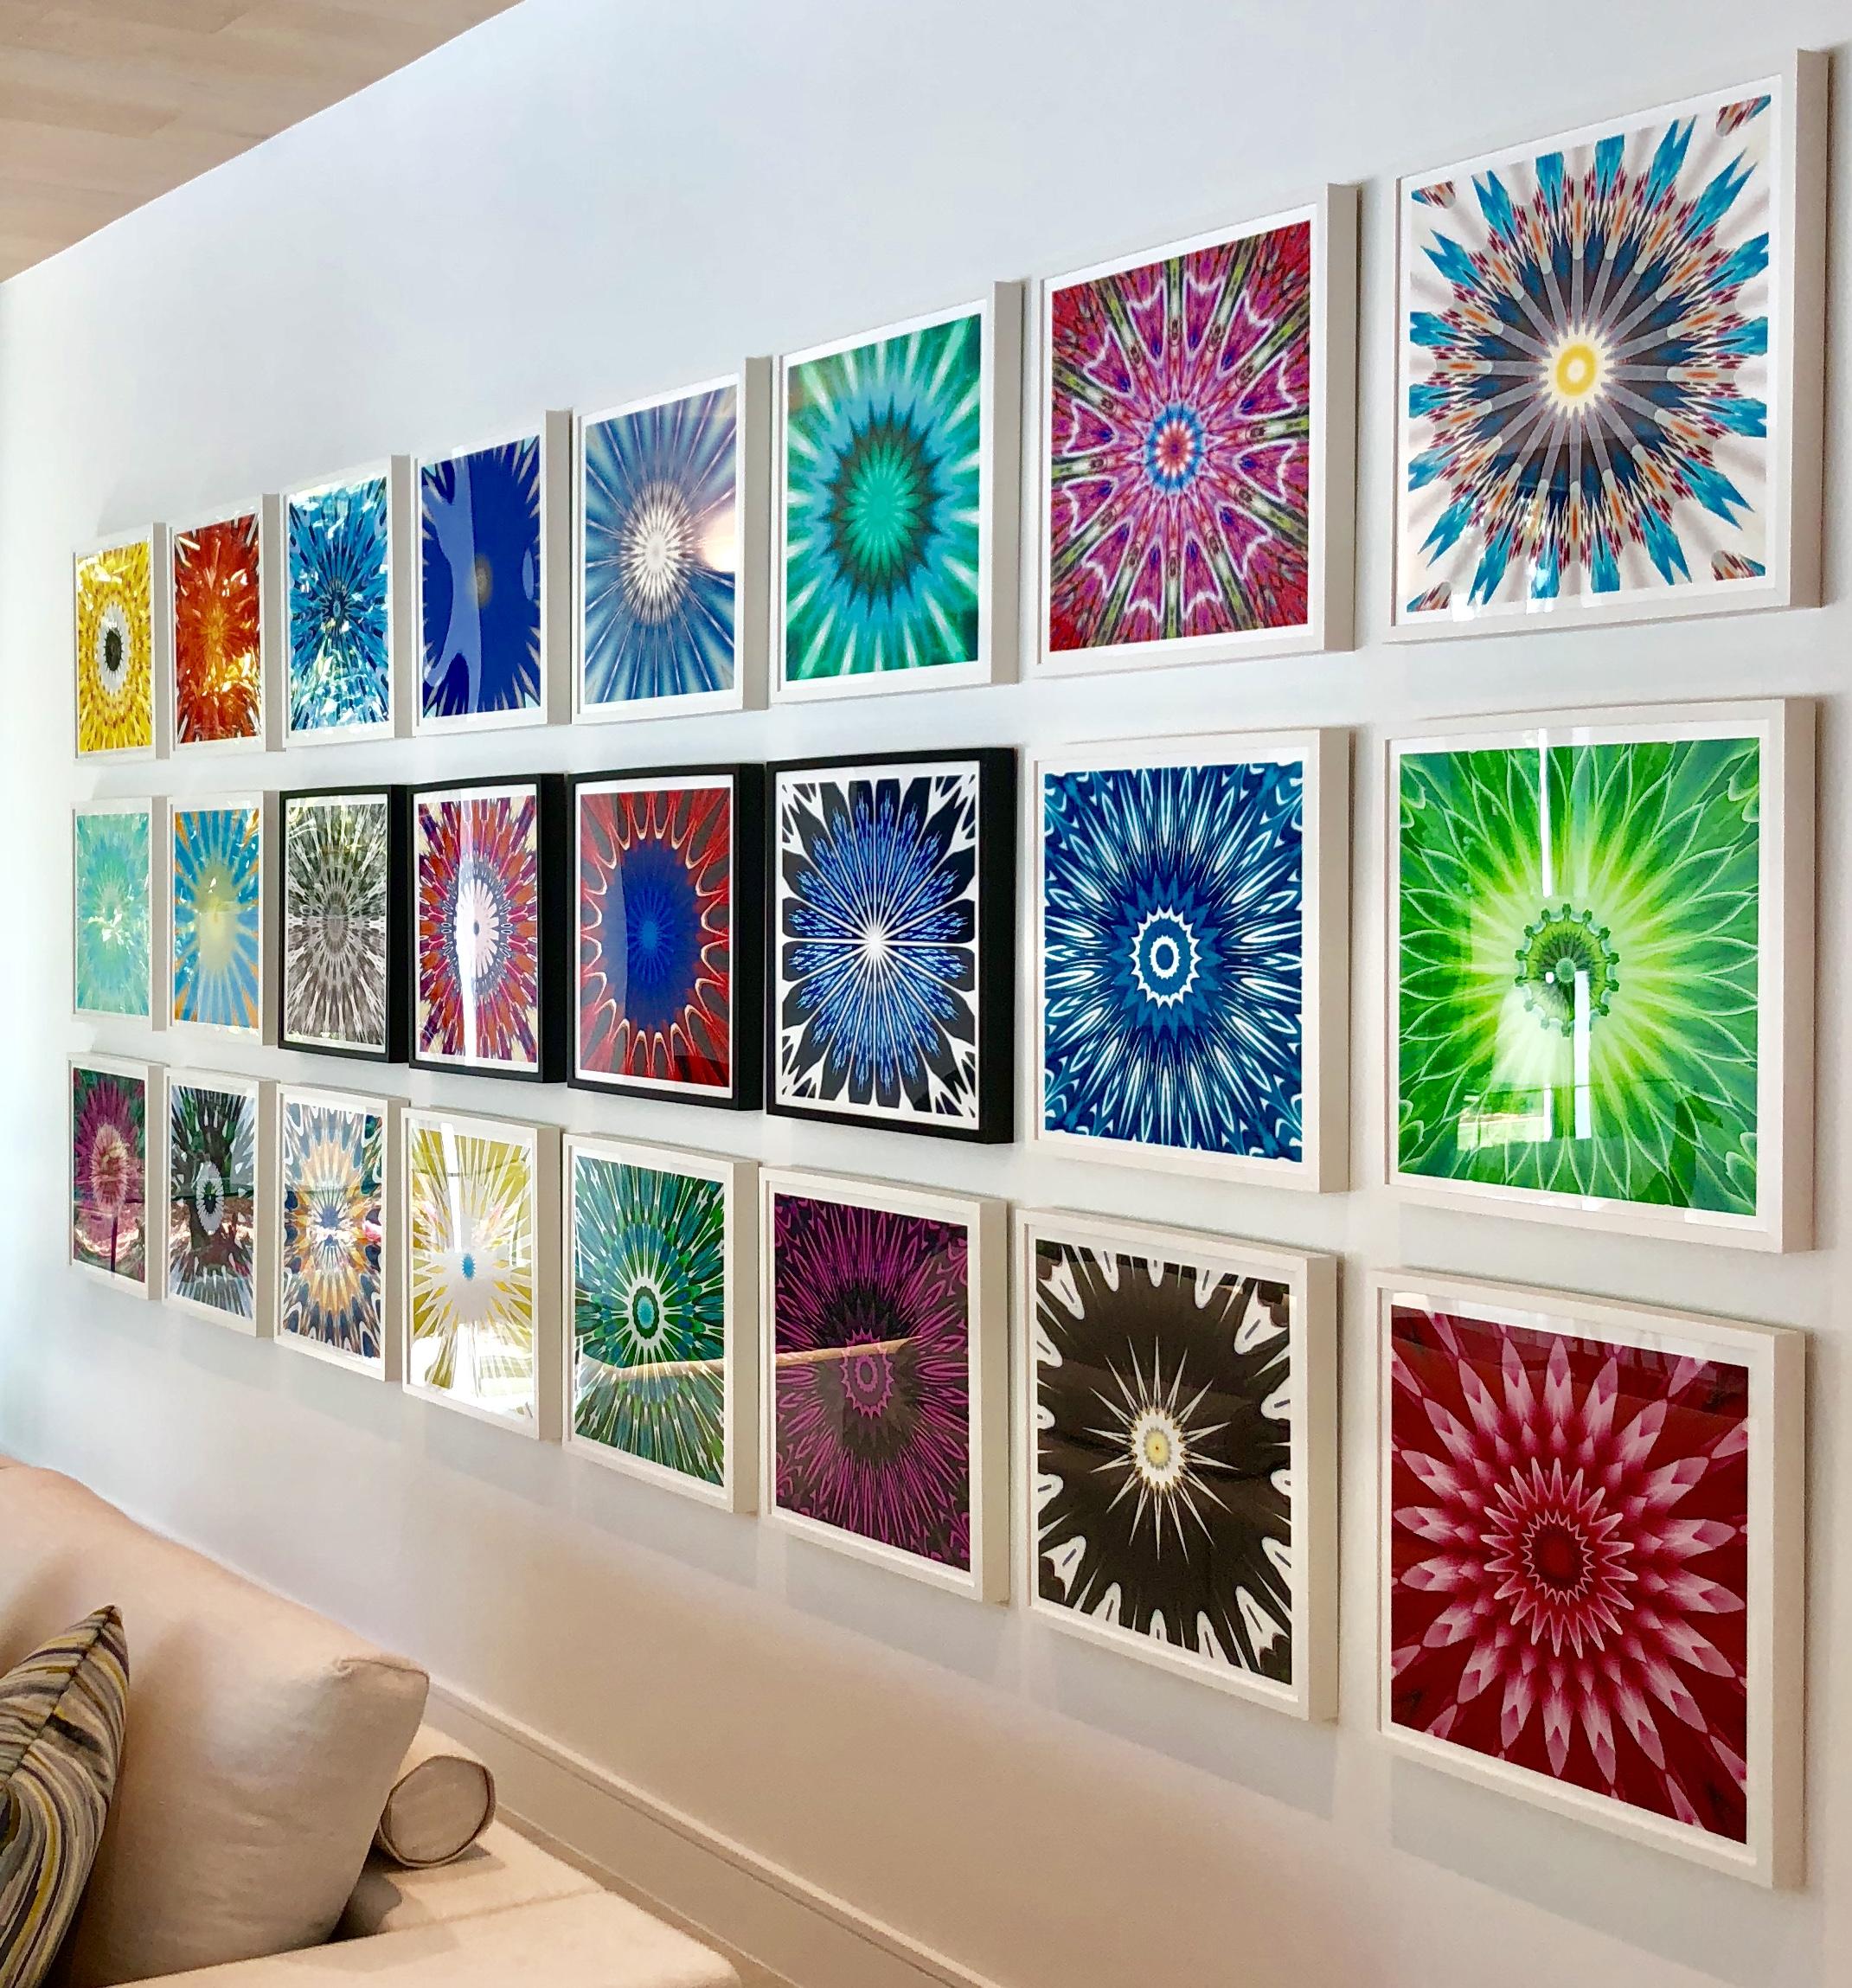 Kaleidoscope Wall Series:  (Set of 24) $8,995. / $450. ea